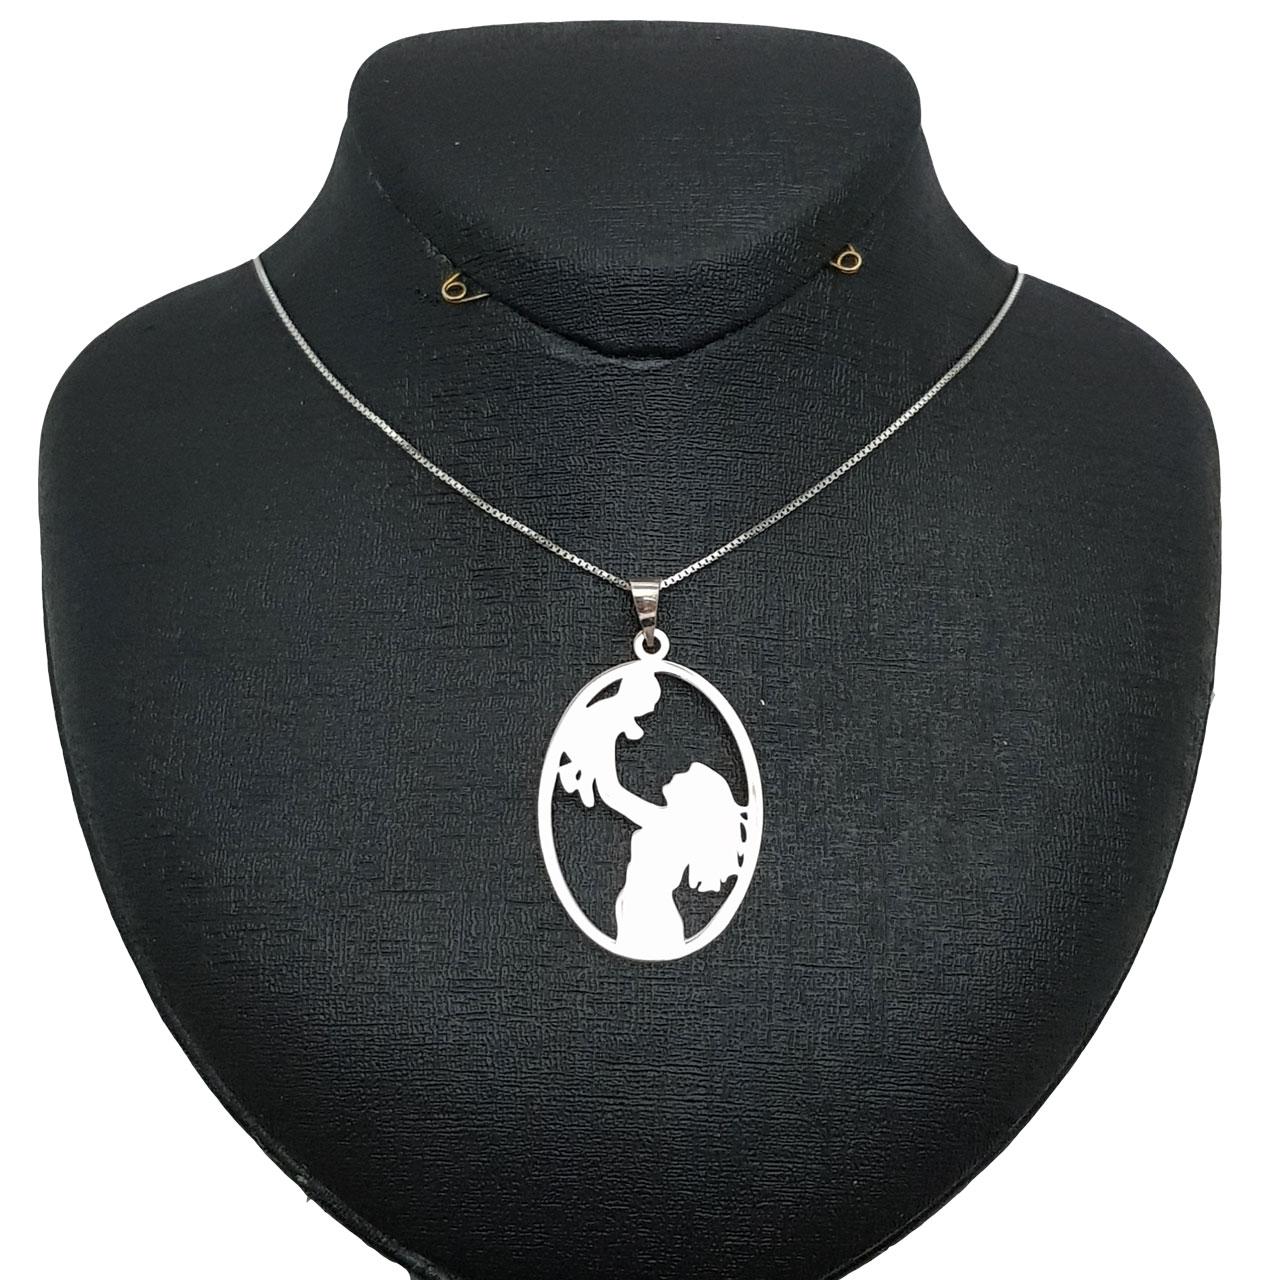 گردنبند نقره زنانه طرح مادر و نوزاد کد ۰۰۱